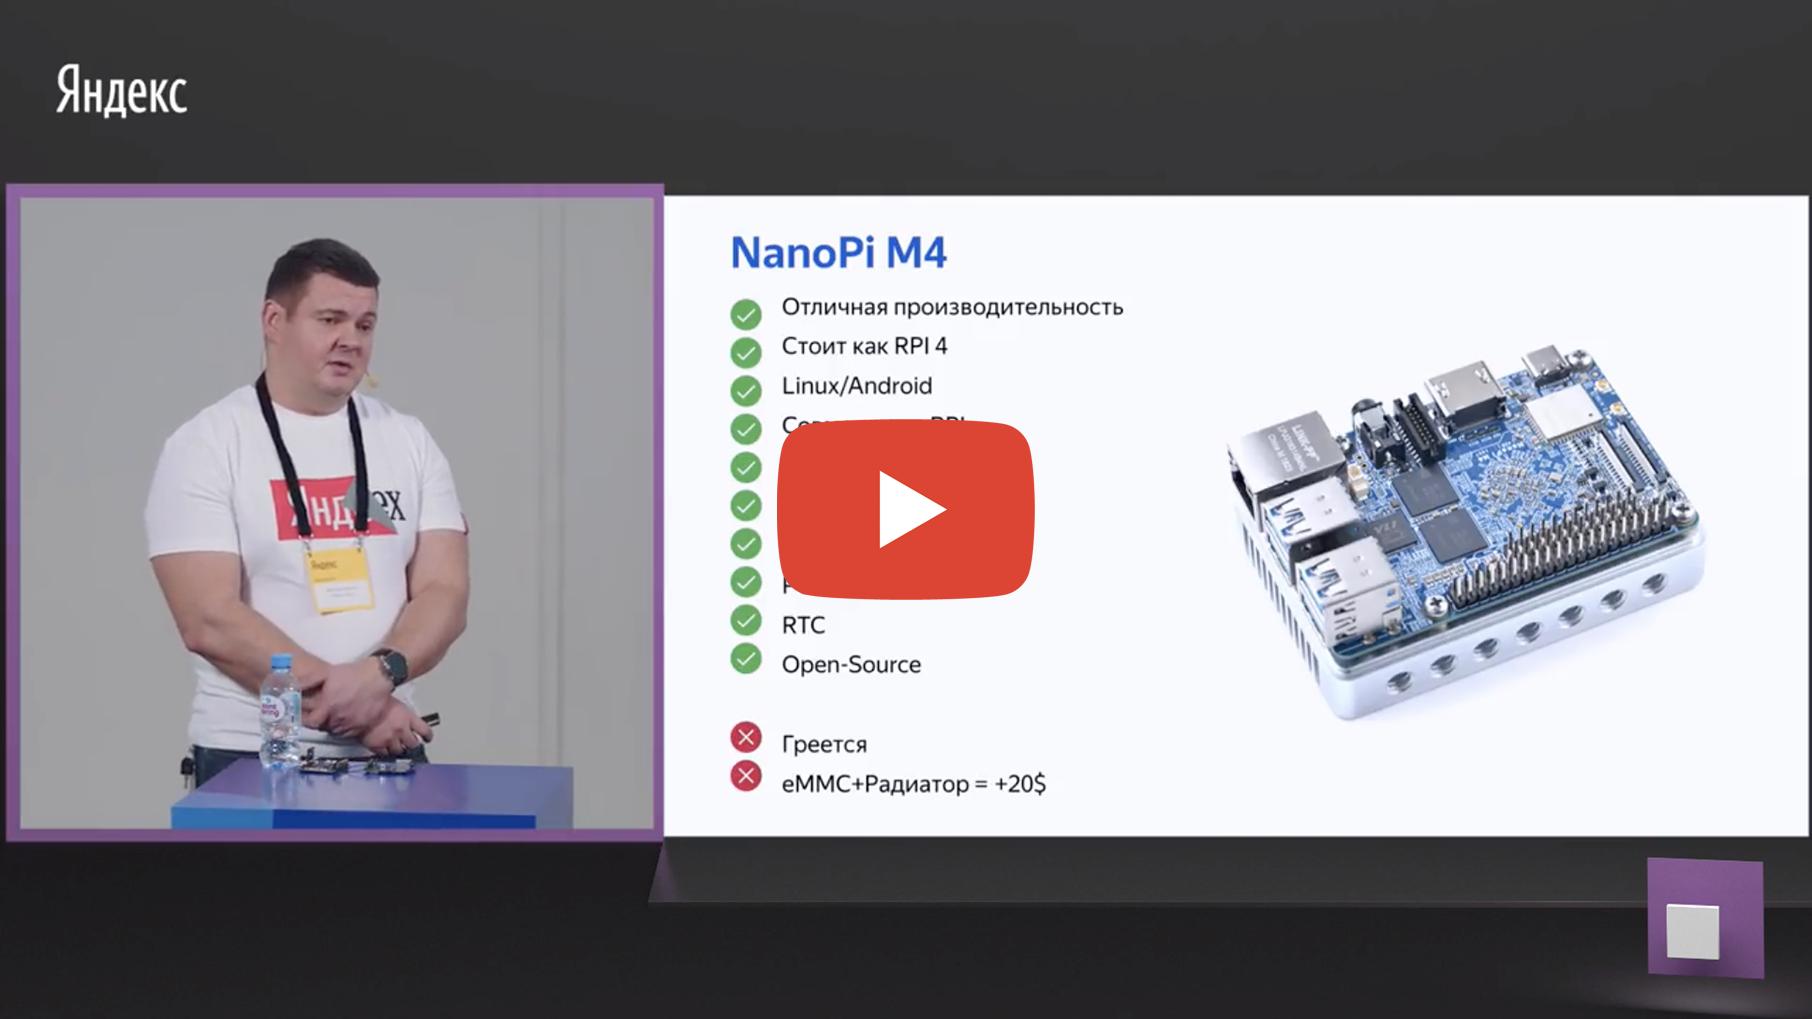 Как быстро делать прототипы устройств и почему это важно. Доклад Яндекс.Такси - 1